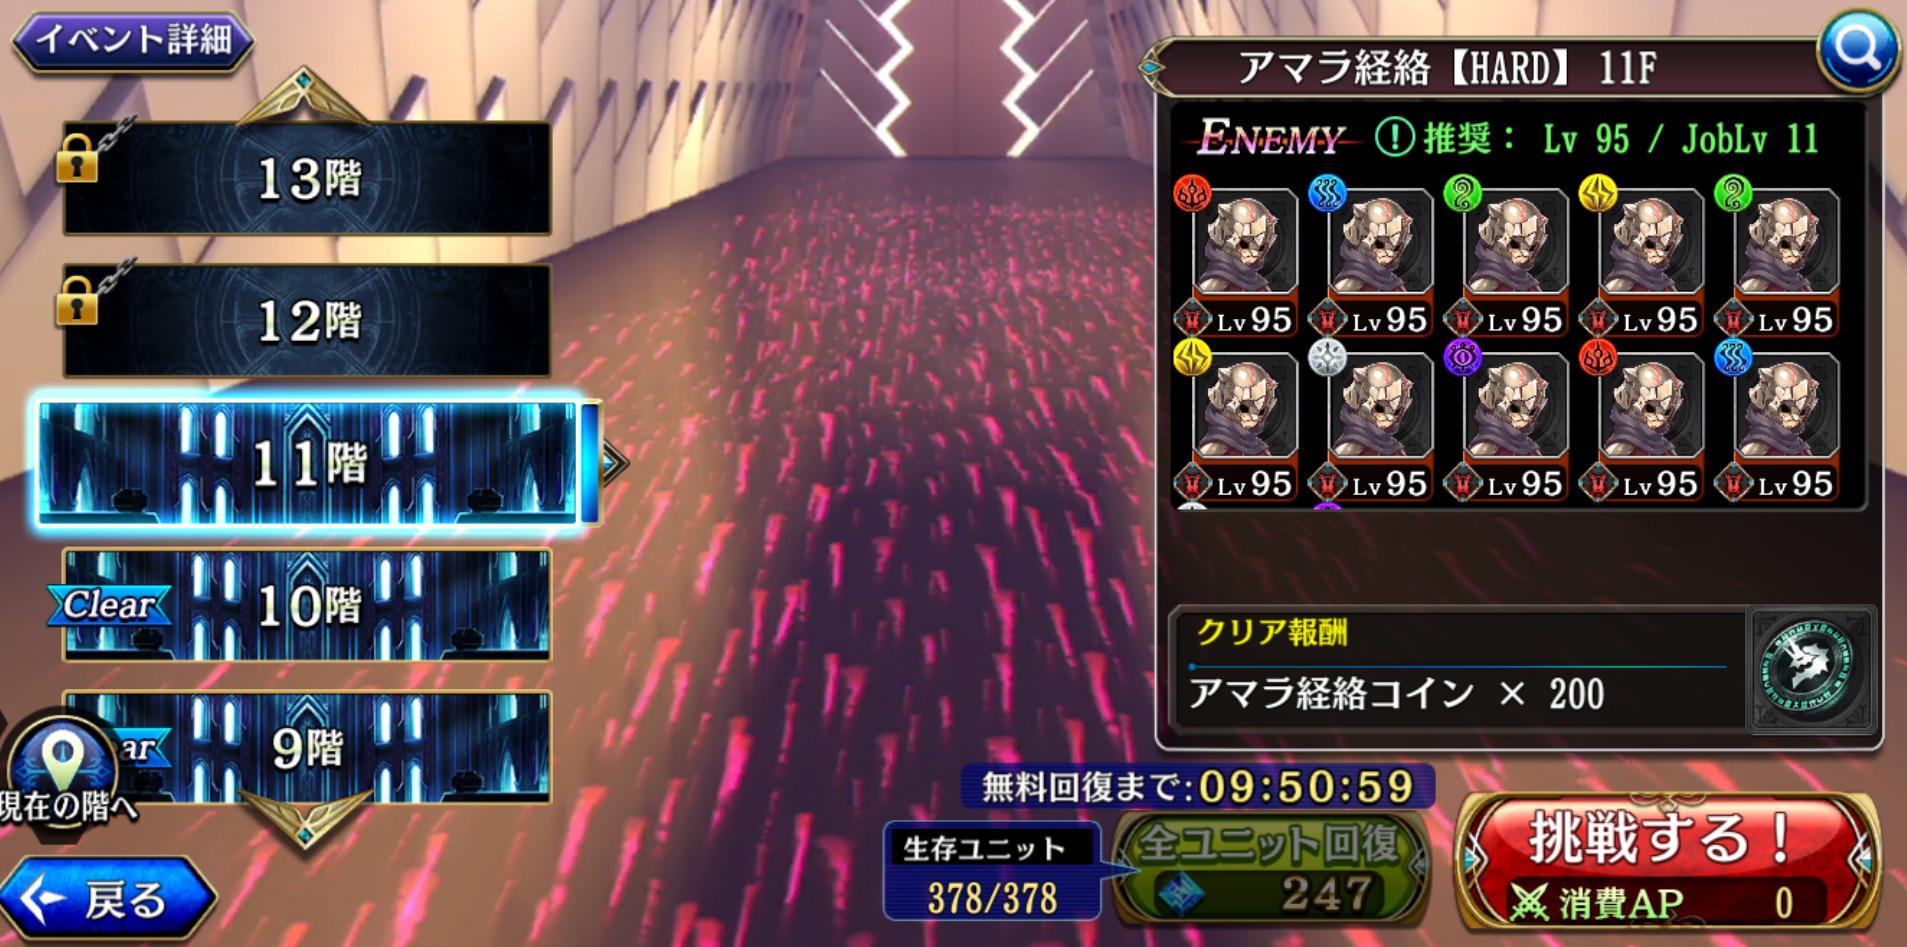 アマラ経路(ハード)11F~